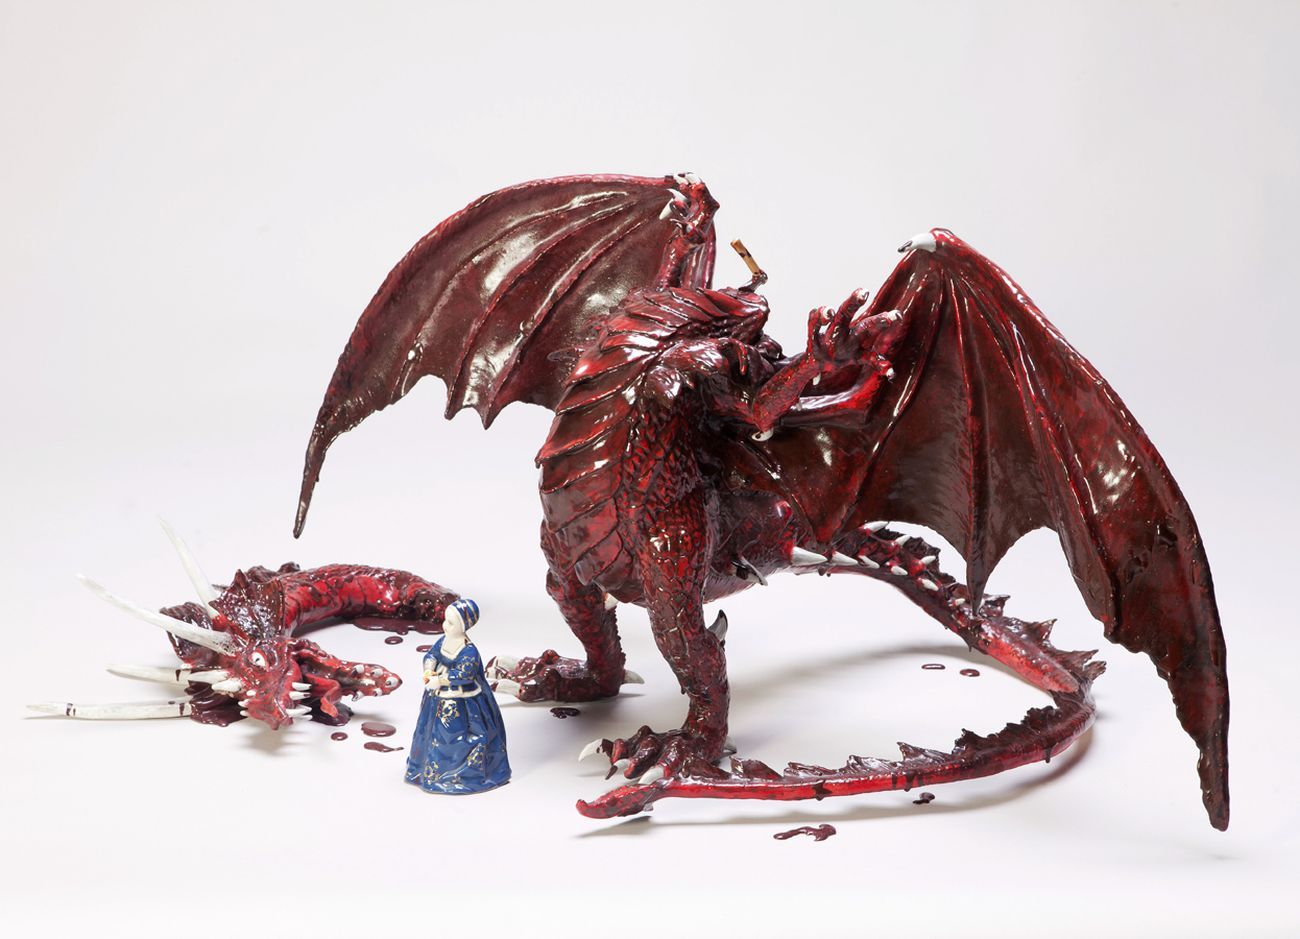 Andrea Salvatori untitled (Dragon), 2005, ceramica e porcellana, 45x90x90cm, photo Luca Nostri, courtesy l'artista